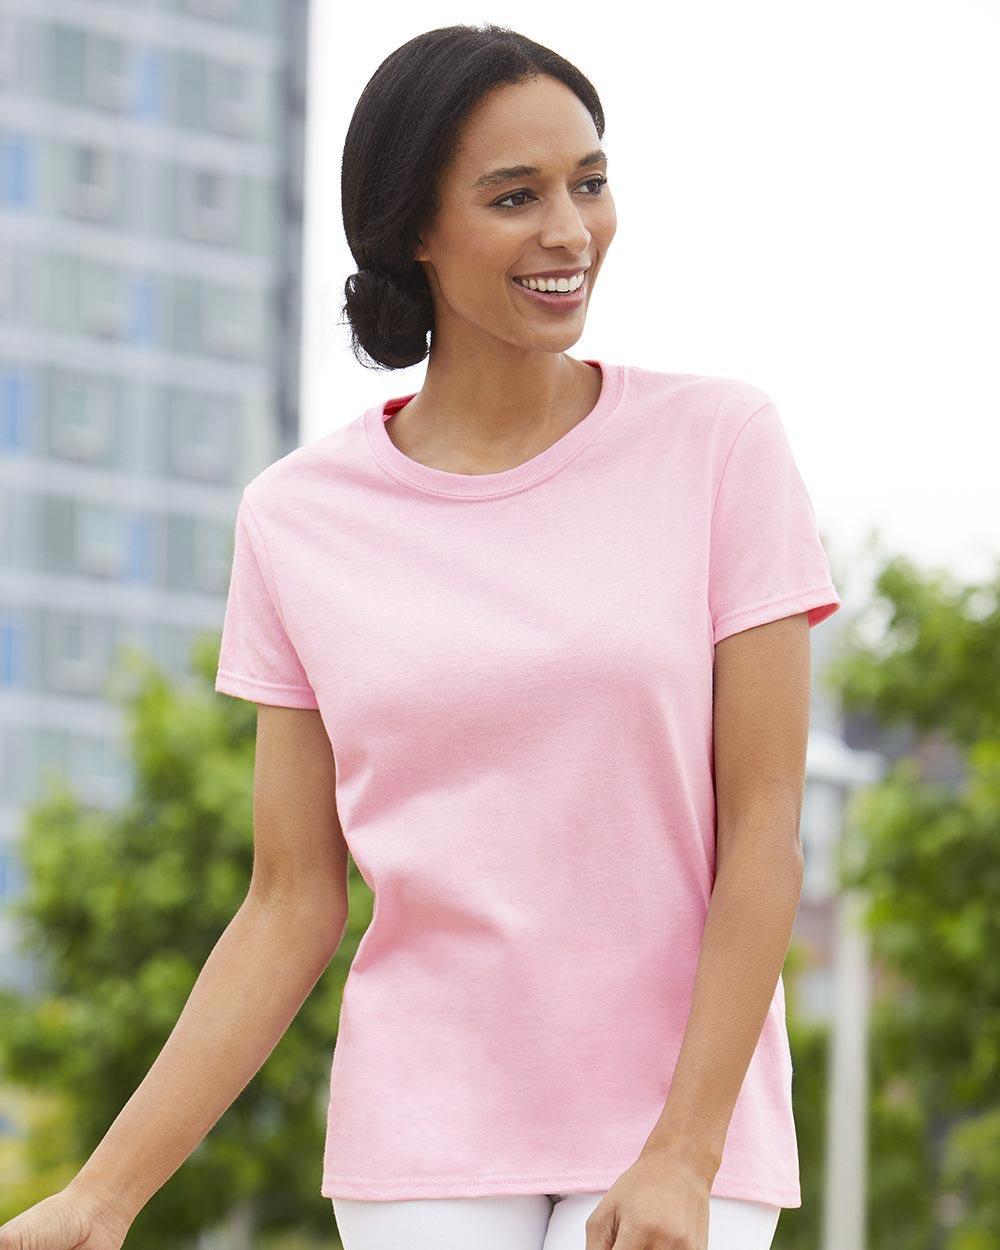 Gildan 2000L - Ultra Cotton Women's T-Shirt